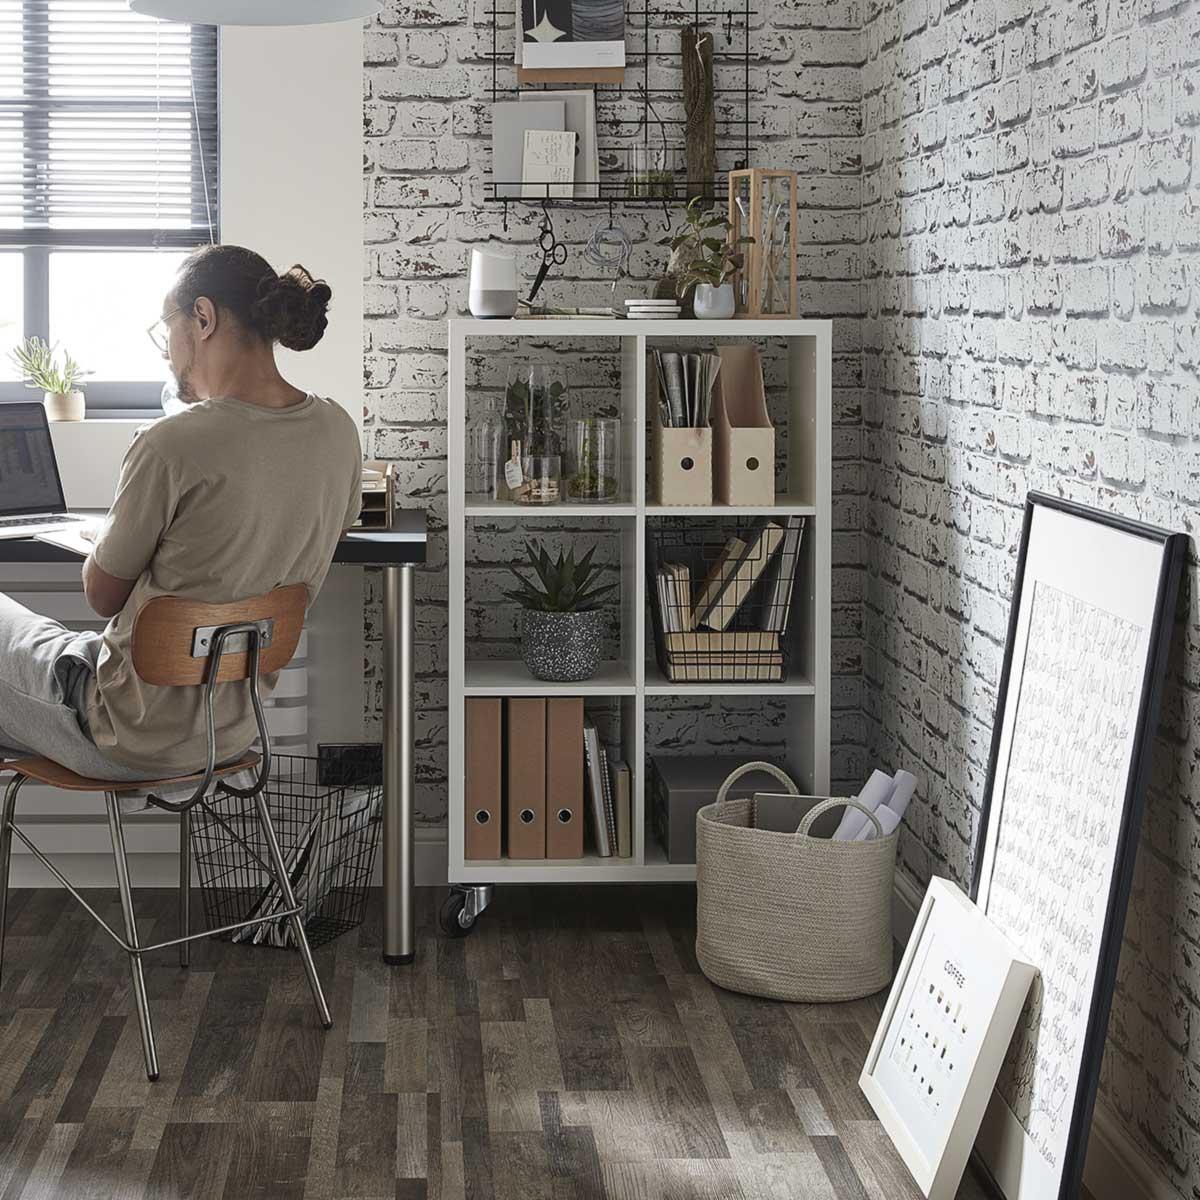 Rénovation d'un bureaux avec revêtement sol et peinture intérieure GoodHome